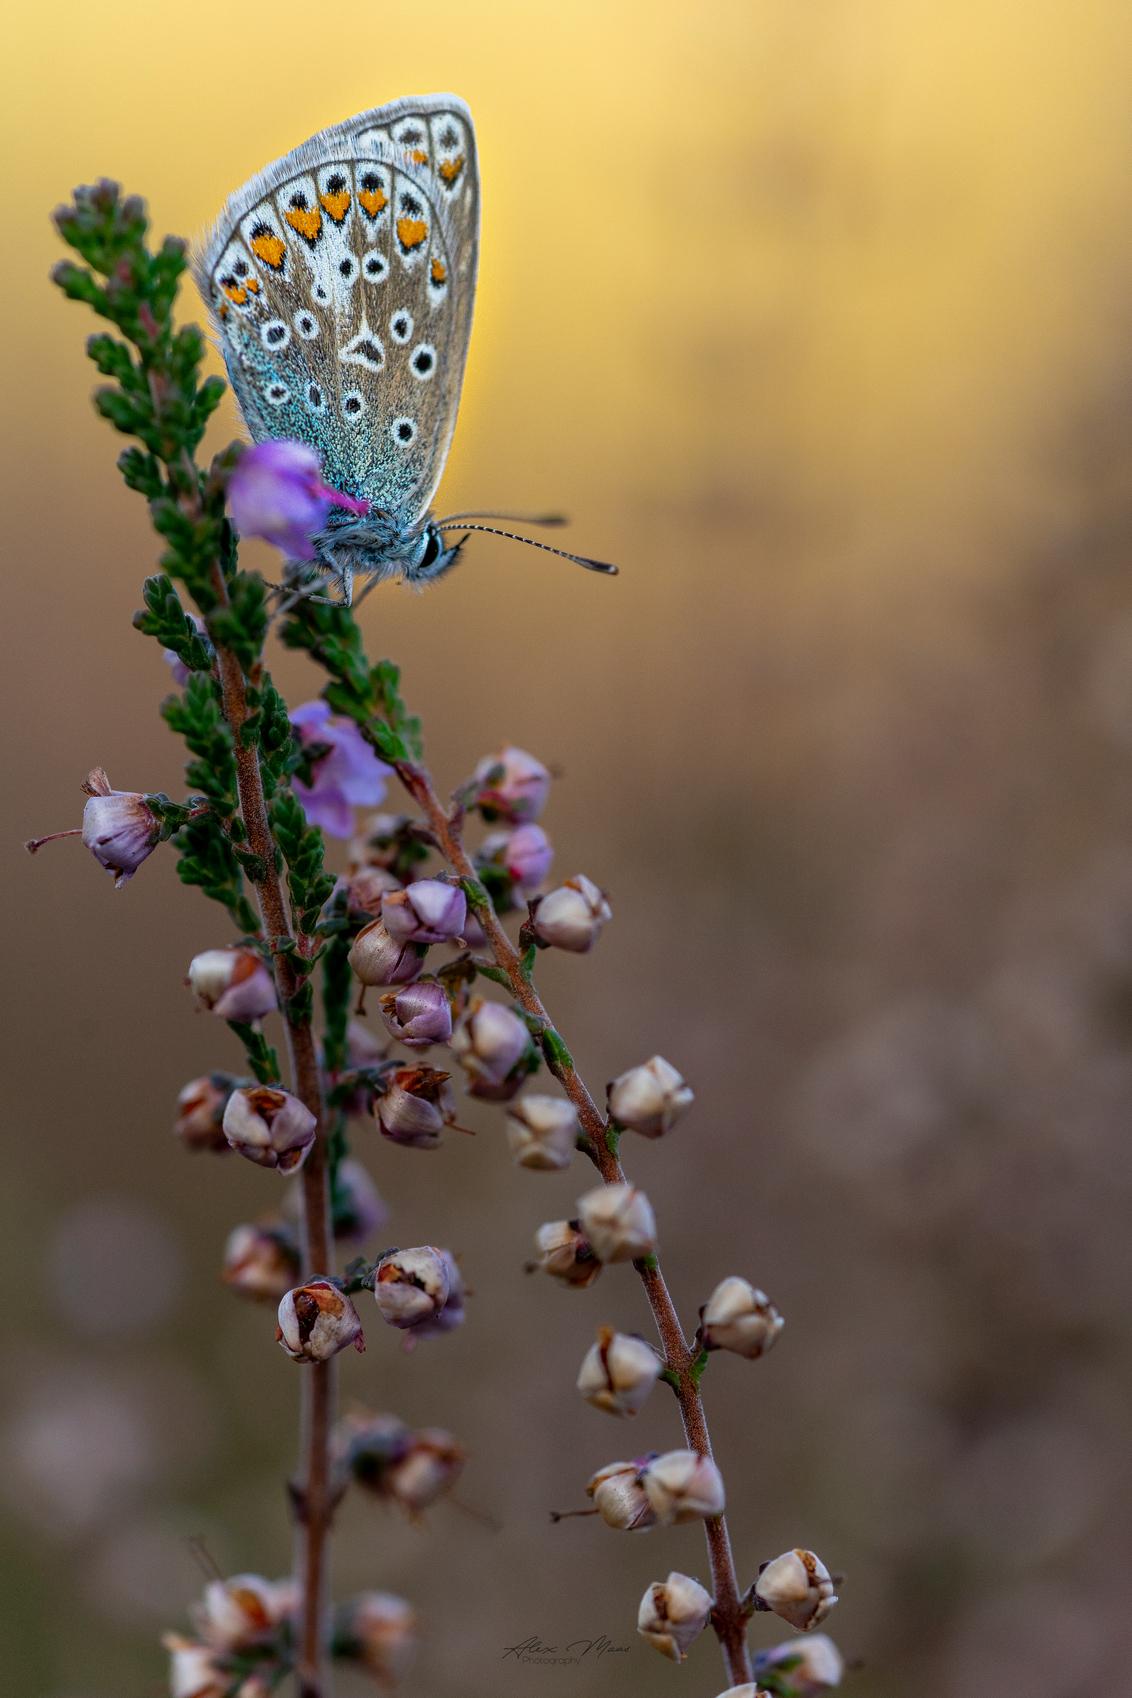 Stand alone - Het blijft mooi om een Icarusblauwtje te fotograferen - vooral tussen de paarse heide ;) - foto door Alex-Maas1 op 23-09-2020 - deze foto bevat: groen, paars, macro, wit, blauw, zon, bloem, natuur, vlinder, bruin, blauwtje, geel, oranje, zwart, tegenlicht, zomer, insect, dof, bokeh